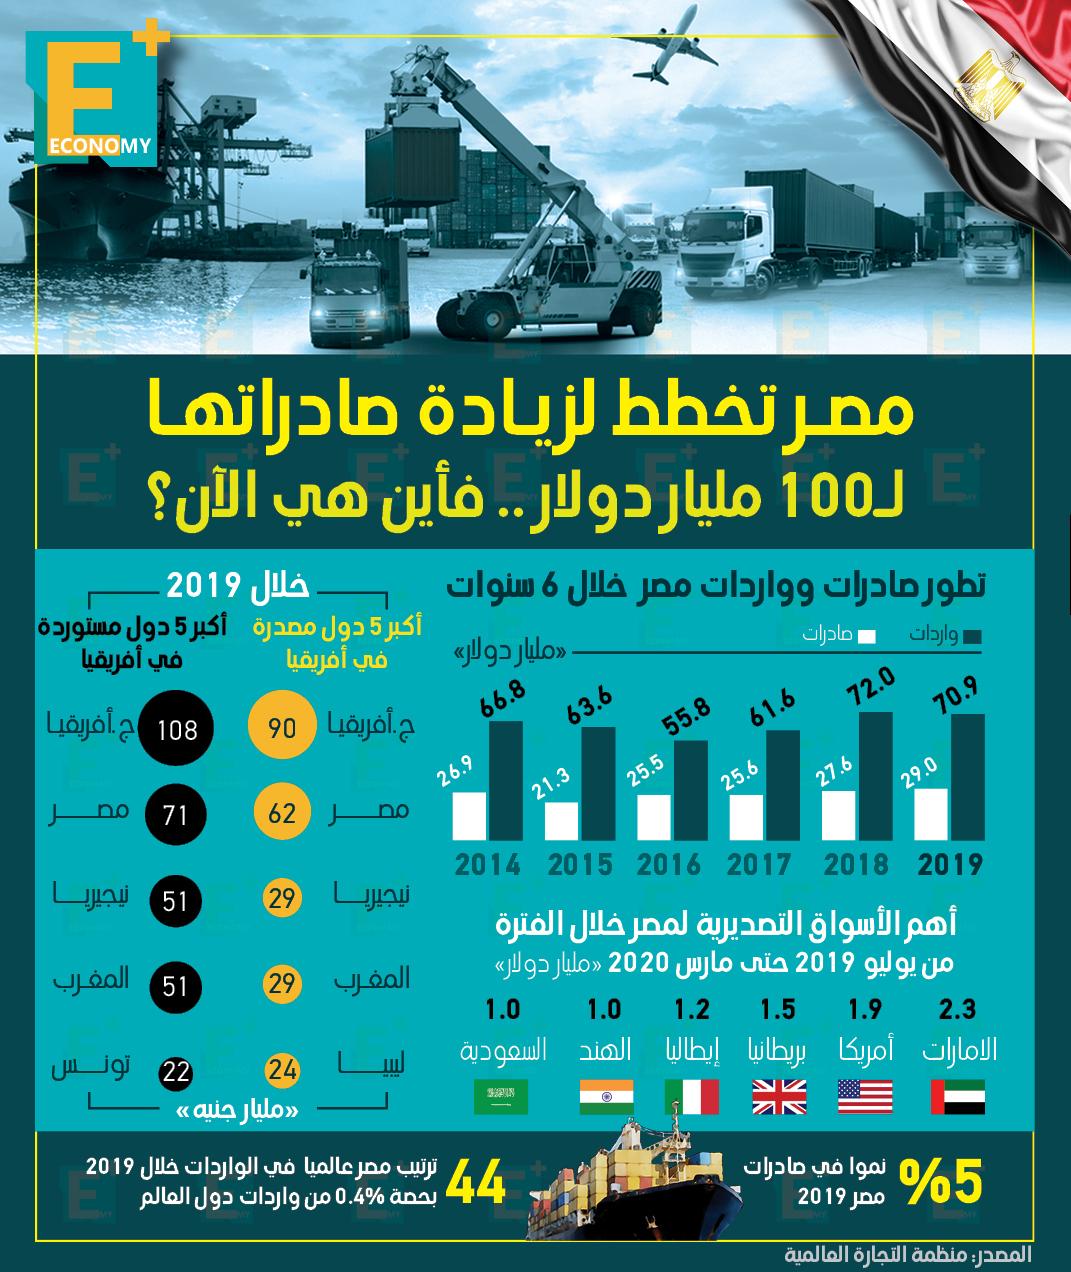 مصر تخطط لزيادة صادراتها إلى 100 مليار دولار.. فأين هي الآن؟